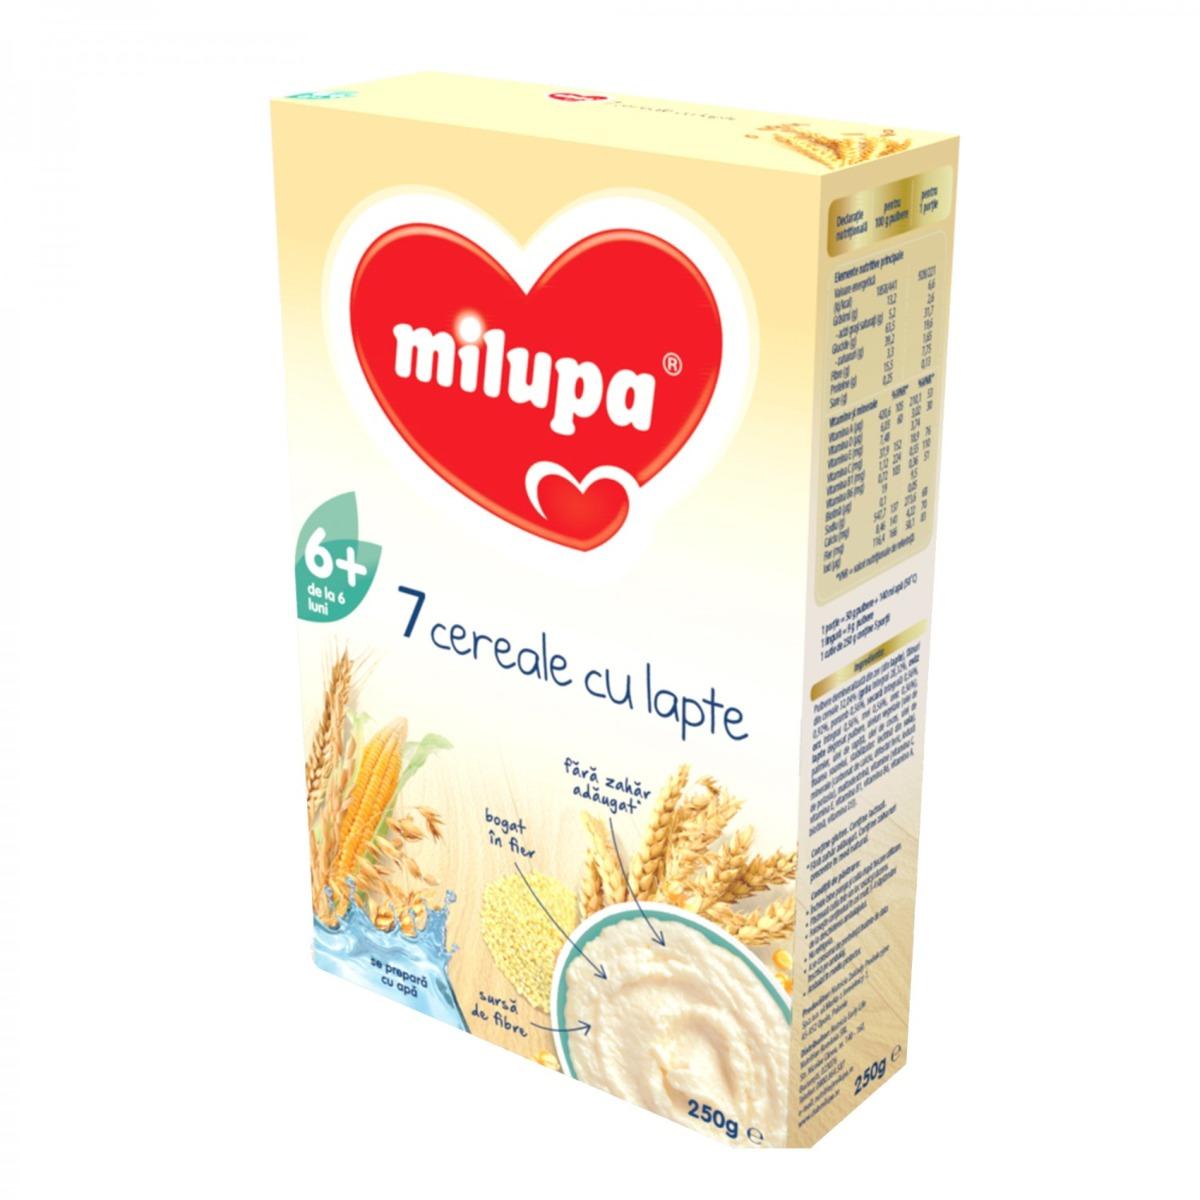 Cereale Milupa - 7 cereale cu lapte, 250g